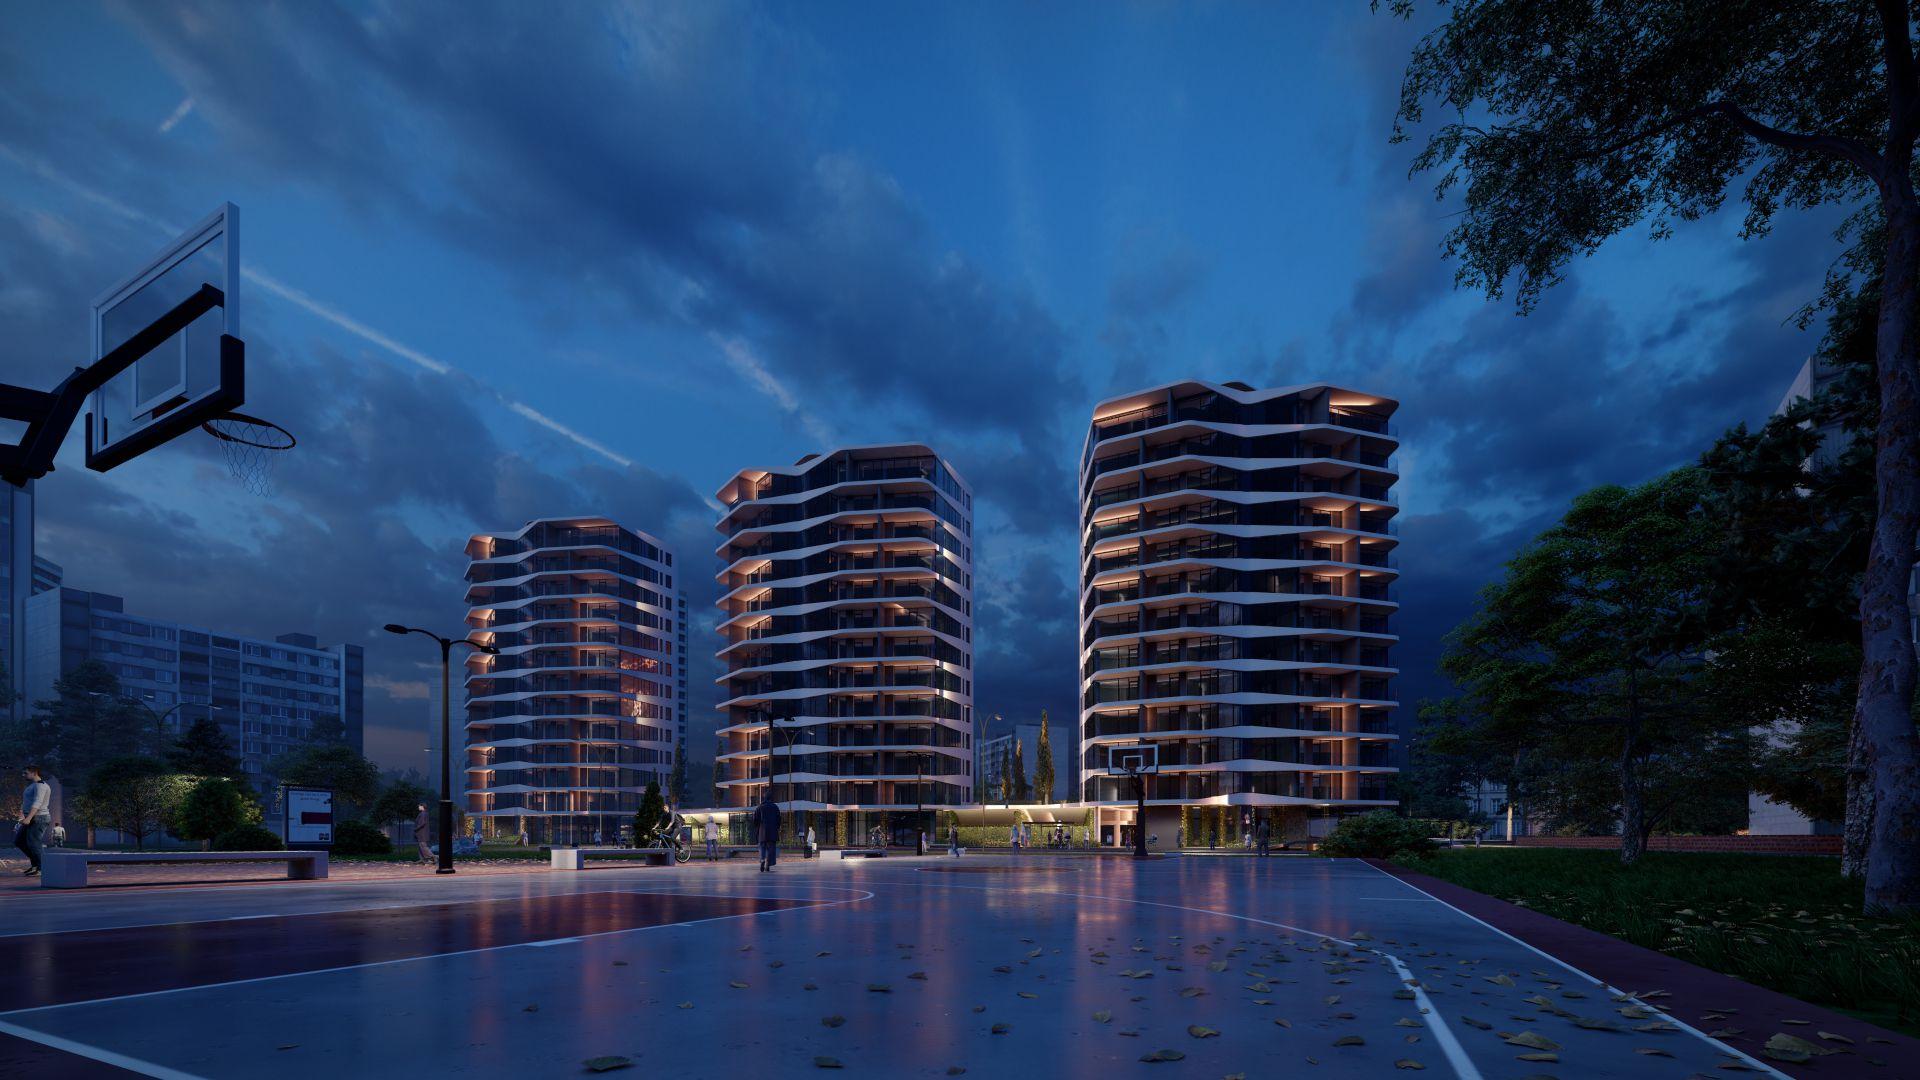 arhitektuurne 3d visualiseerimine skyline 4 9